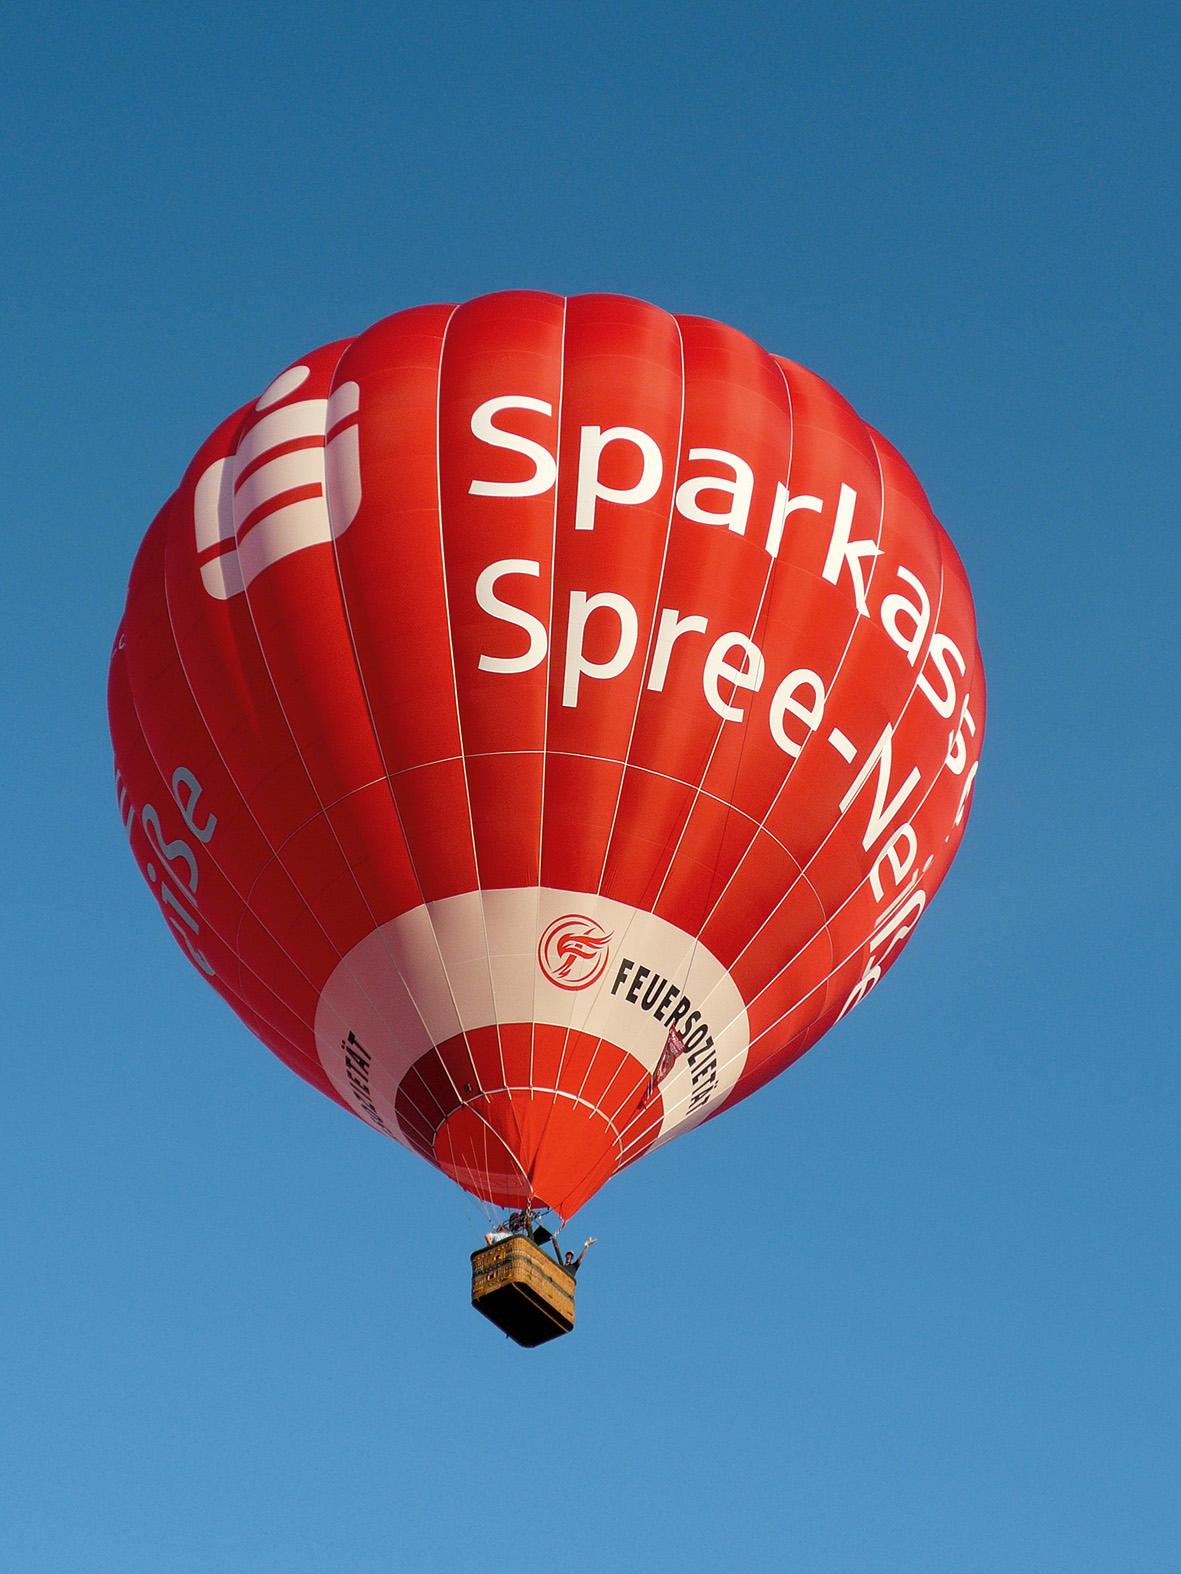 Datei:Sparkassenballon über Cottbus.jpg – Wikipedia